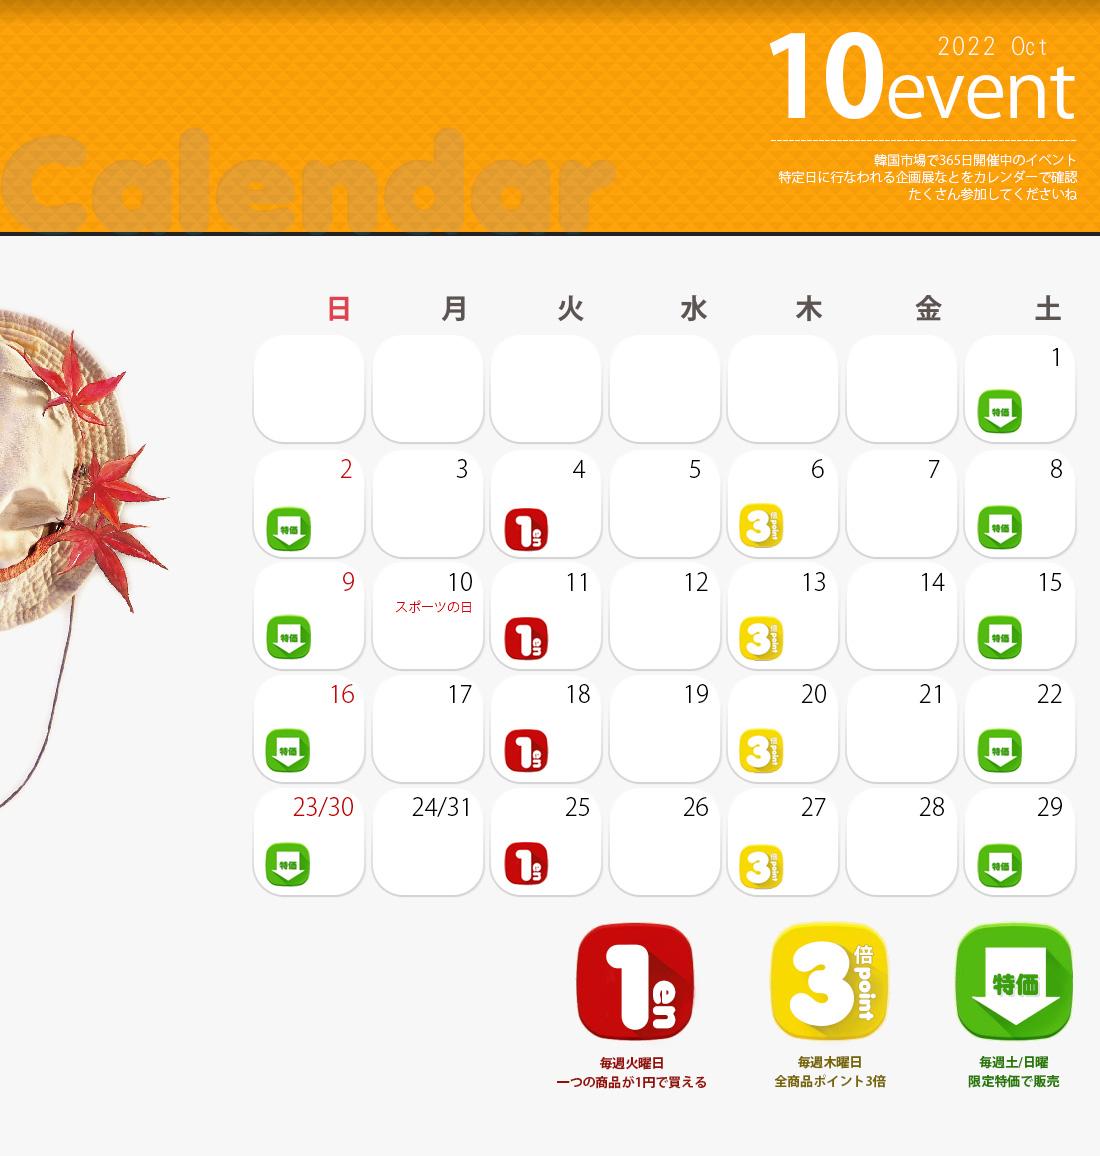 韓国市場9月イベント